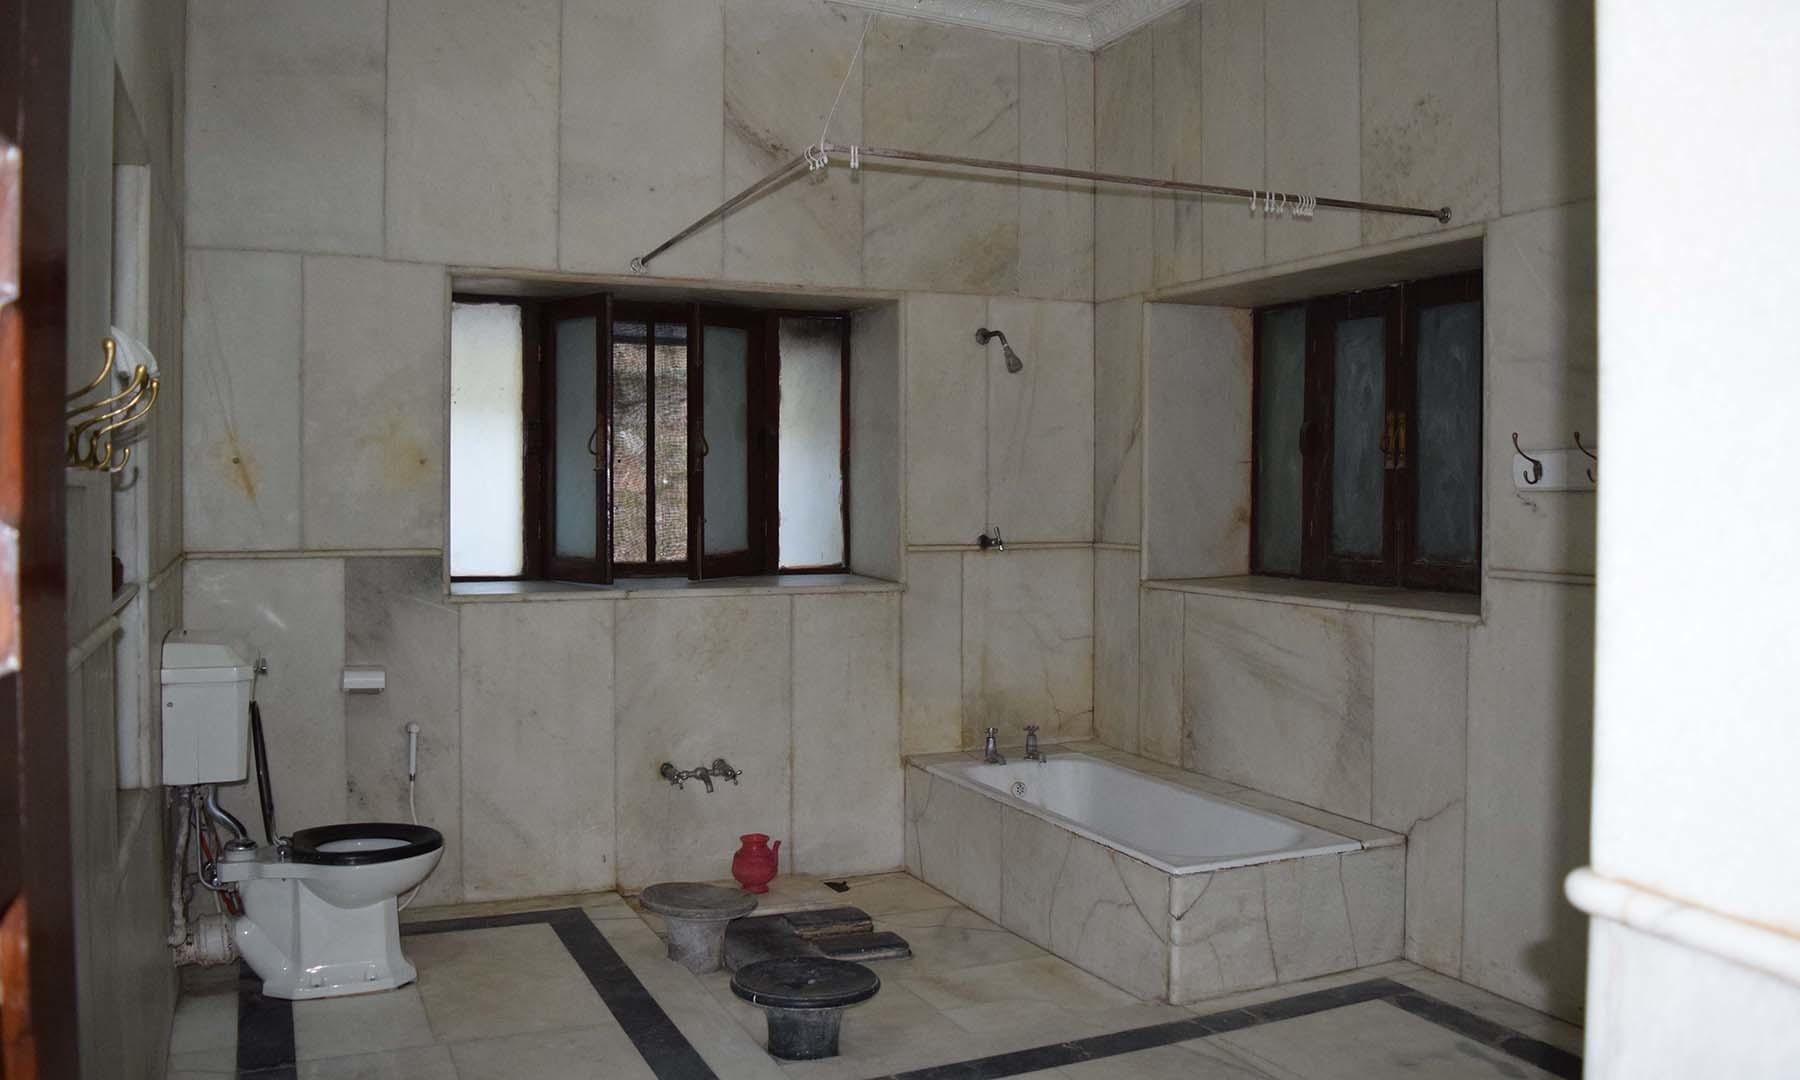 بادشاہ صاحب کے غسل خانے کا منظر۔